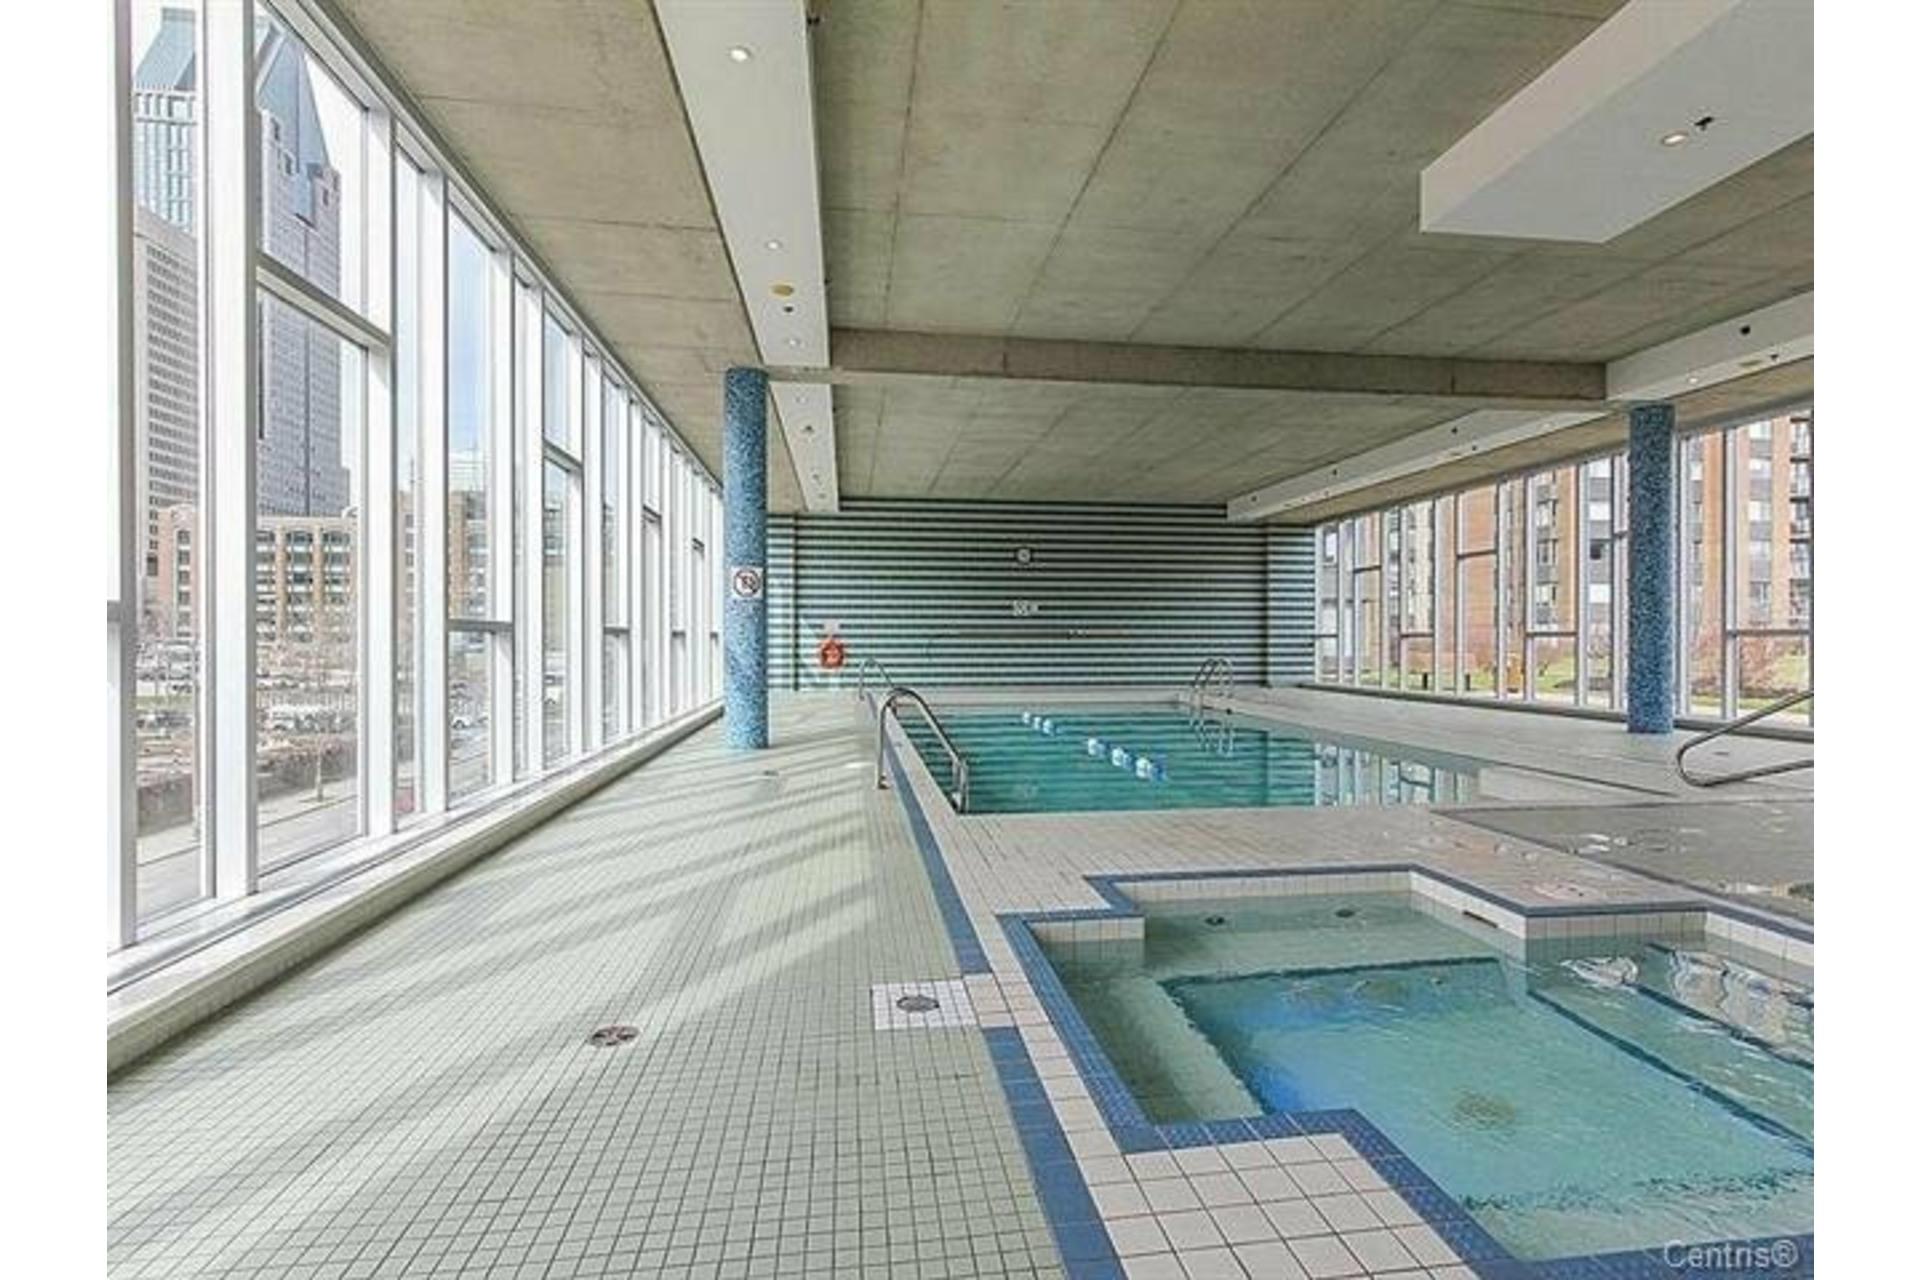 image 25 - Apartment For sale Ville-Marie Montréal  - 4 rooms